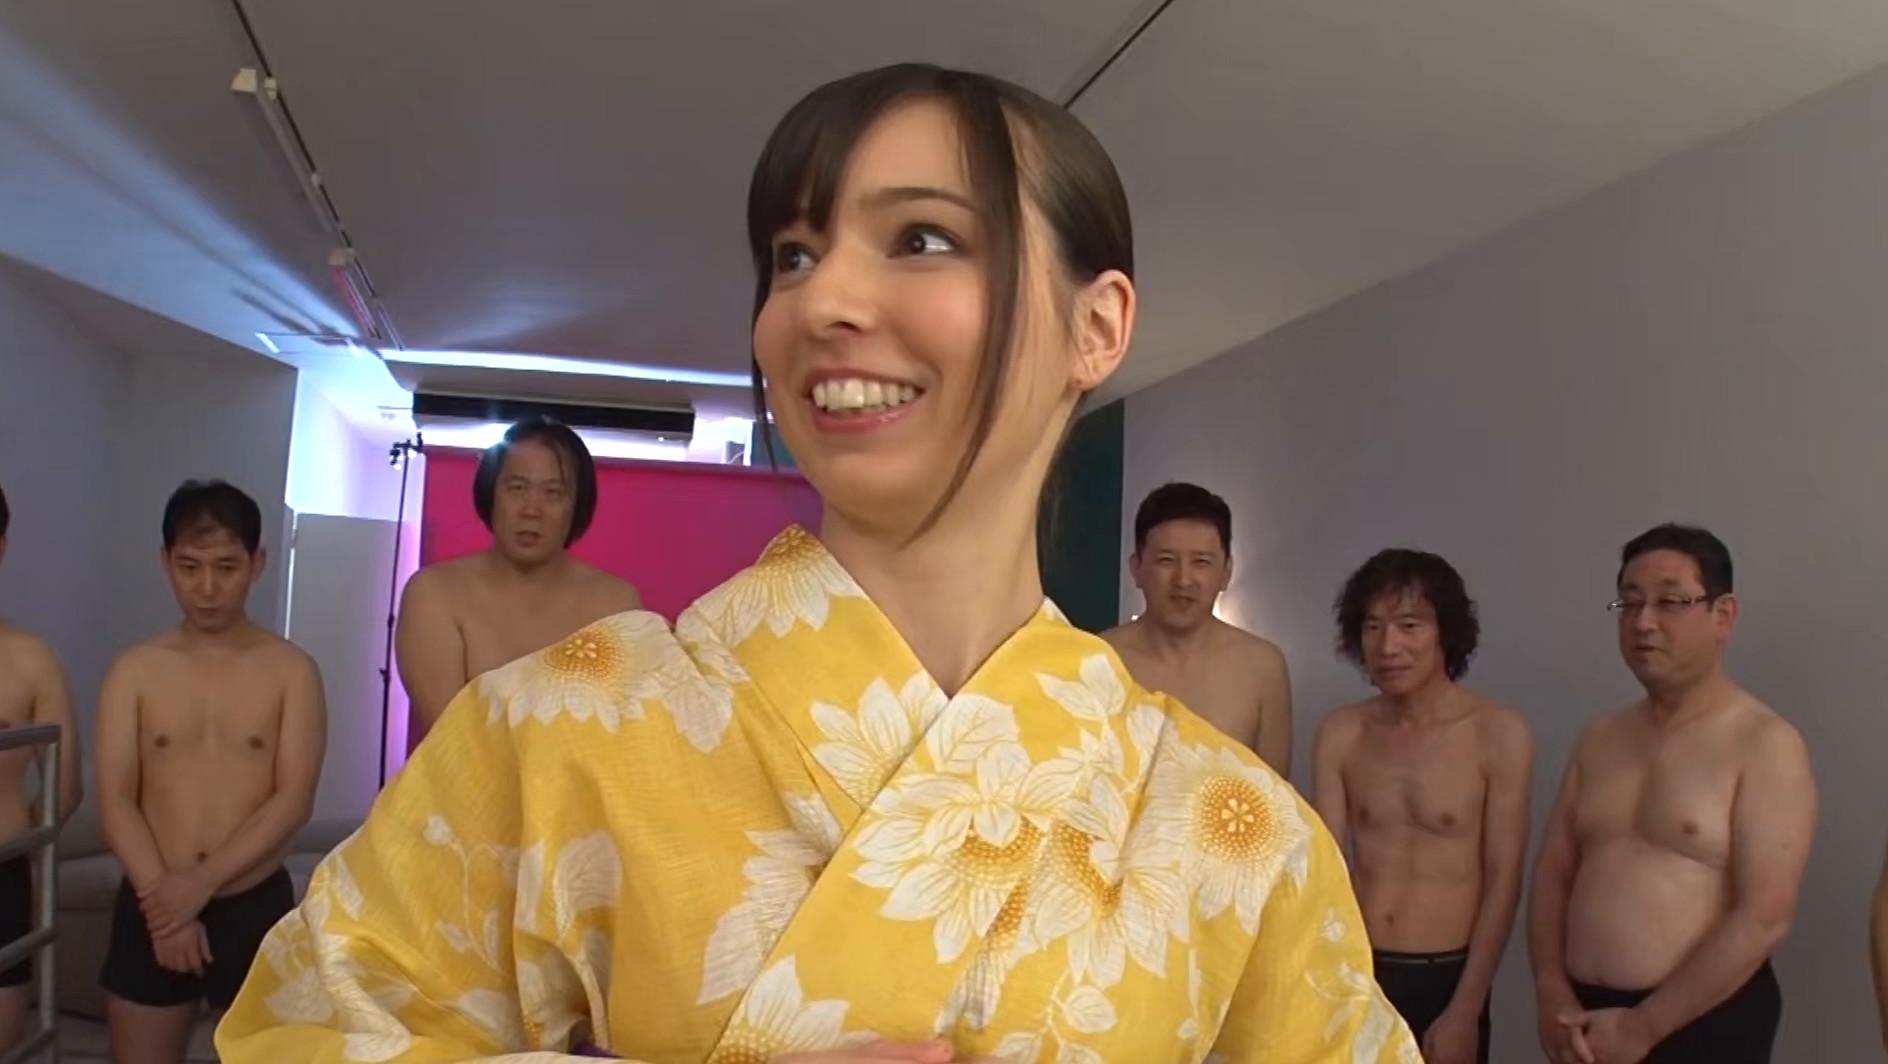 浴衣姿のハーフ美女の顔に大量ザーメンでパックしてやりましたぁ~!!